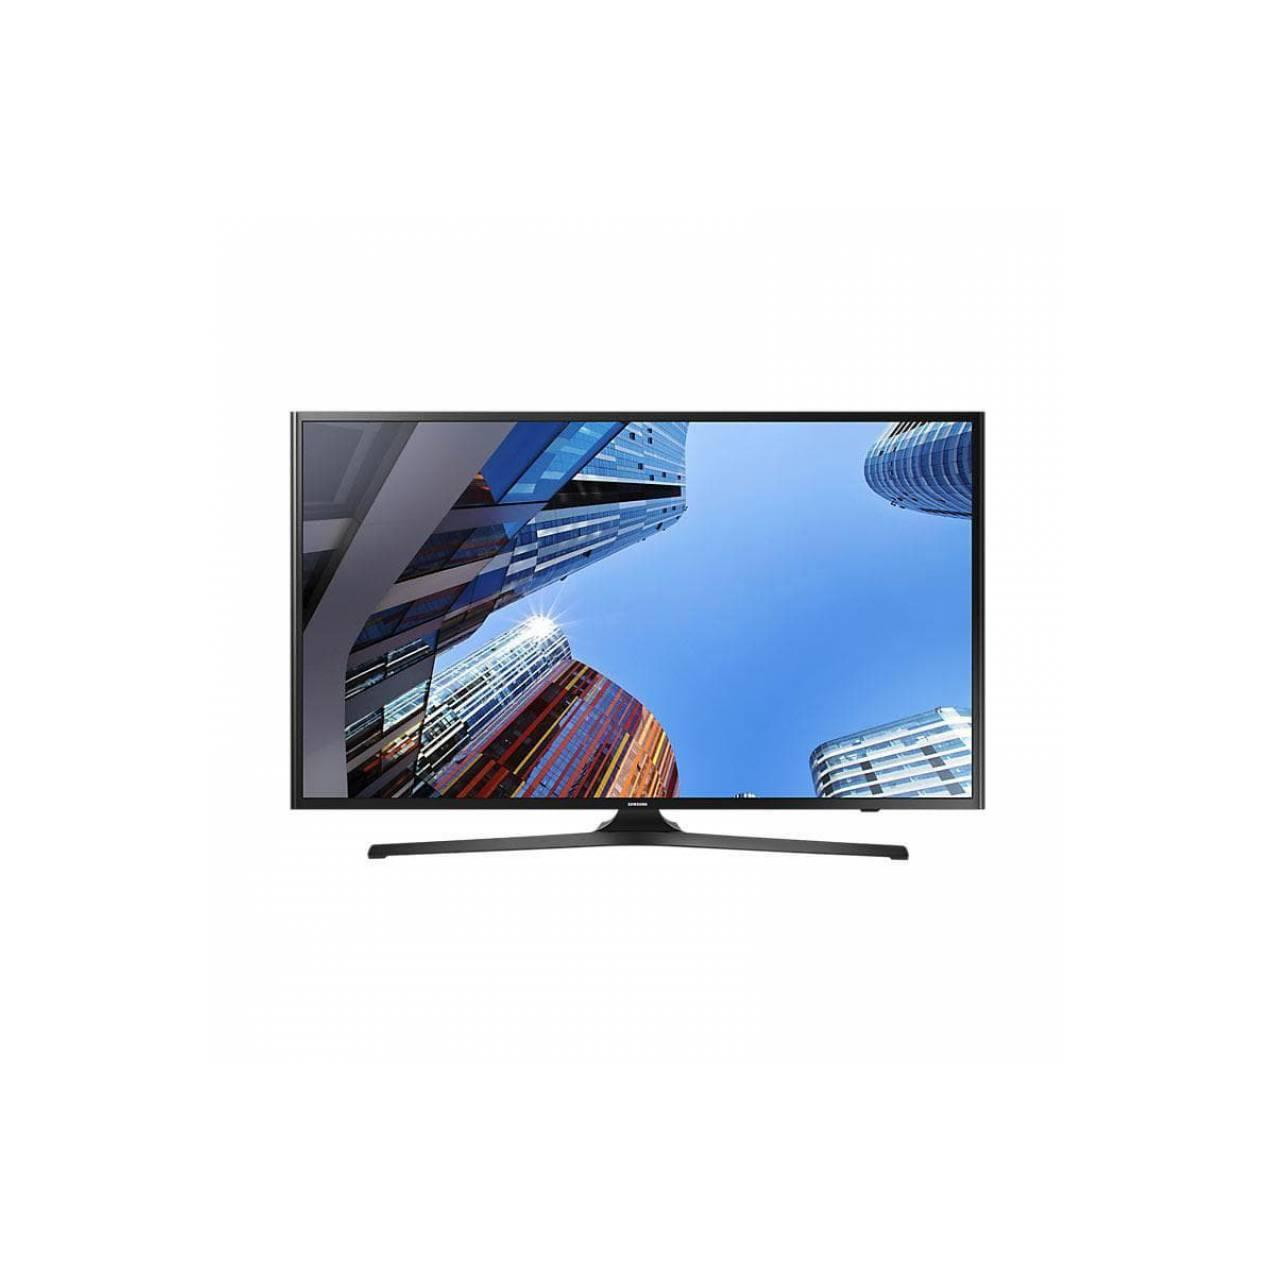 Samsung UA40M5000 Full HD Basic LED TV